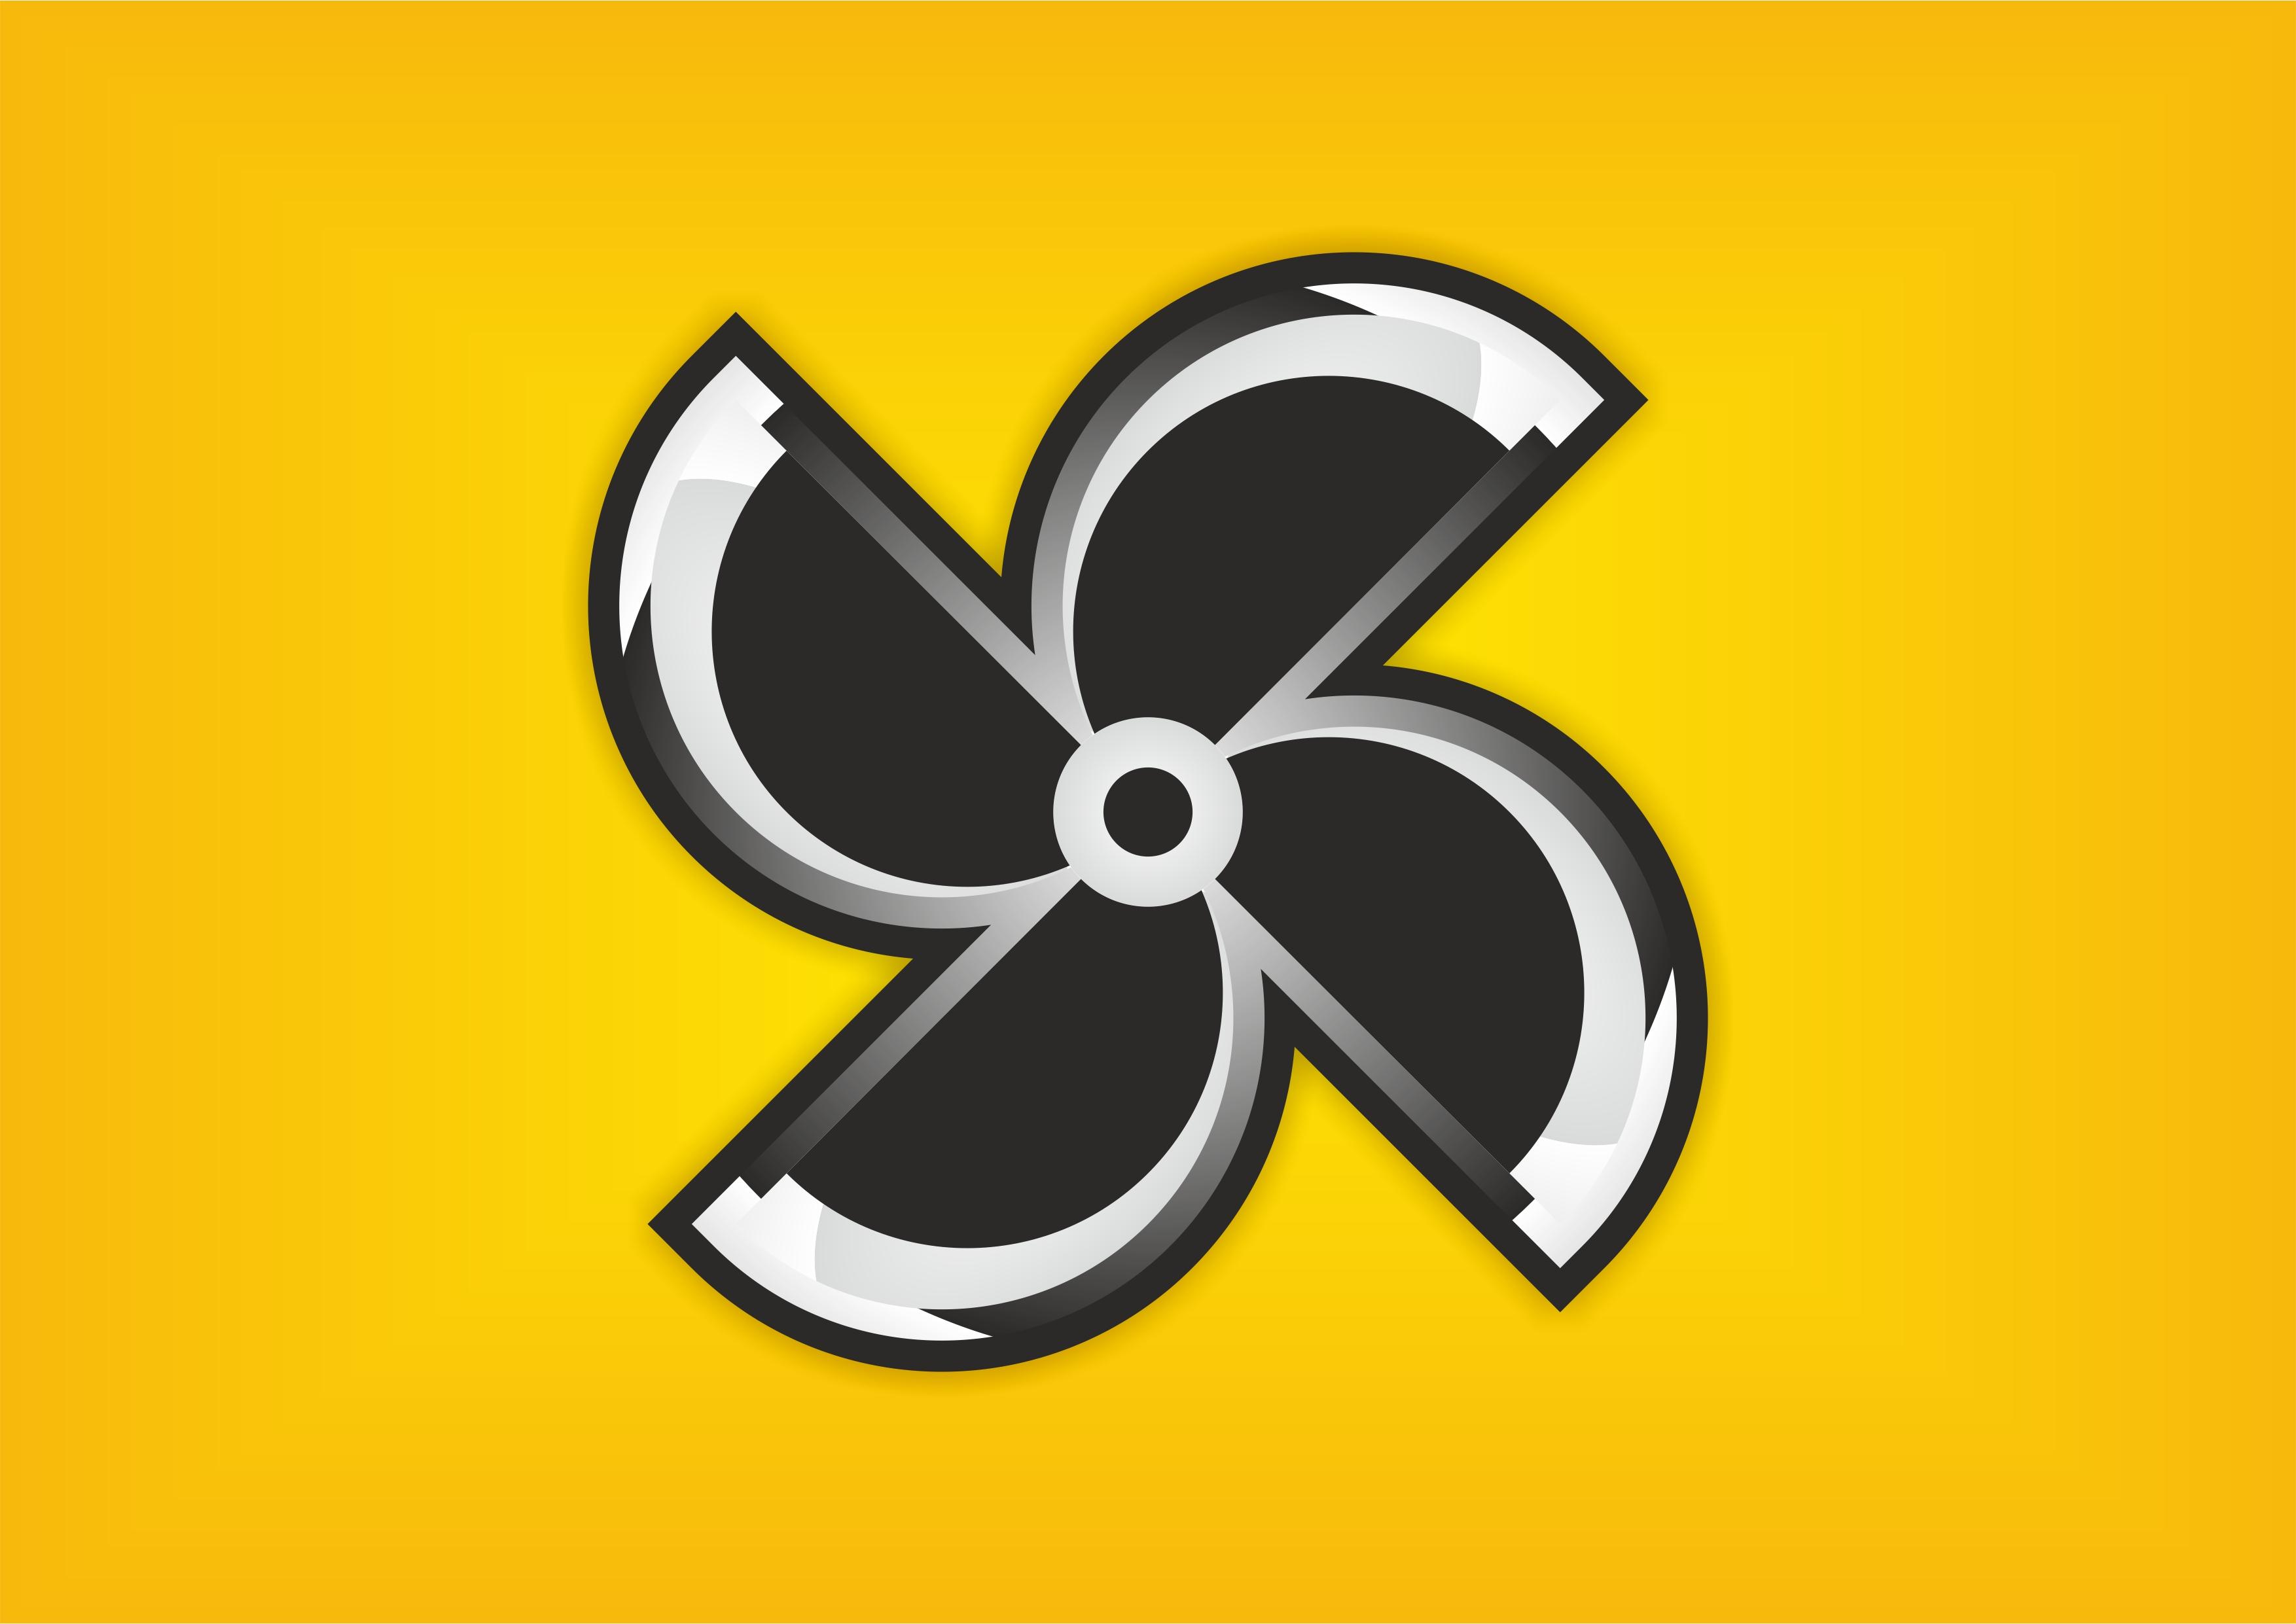 Придумать классный логотип фото f_5395986e4b794049.jpg